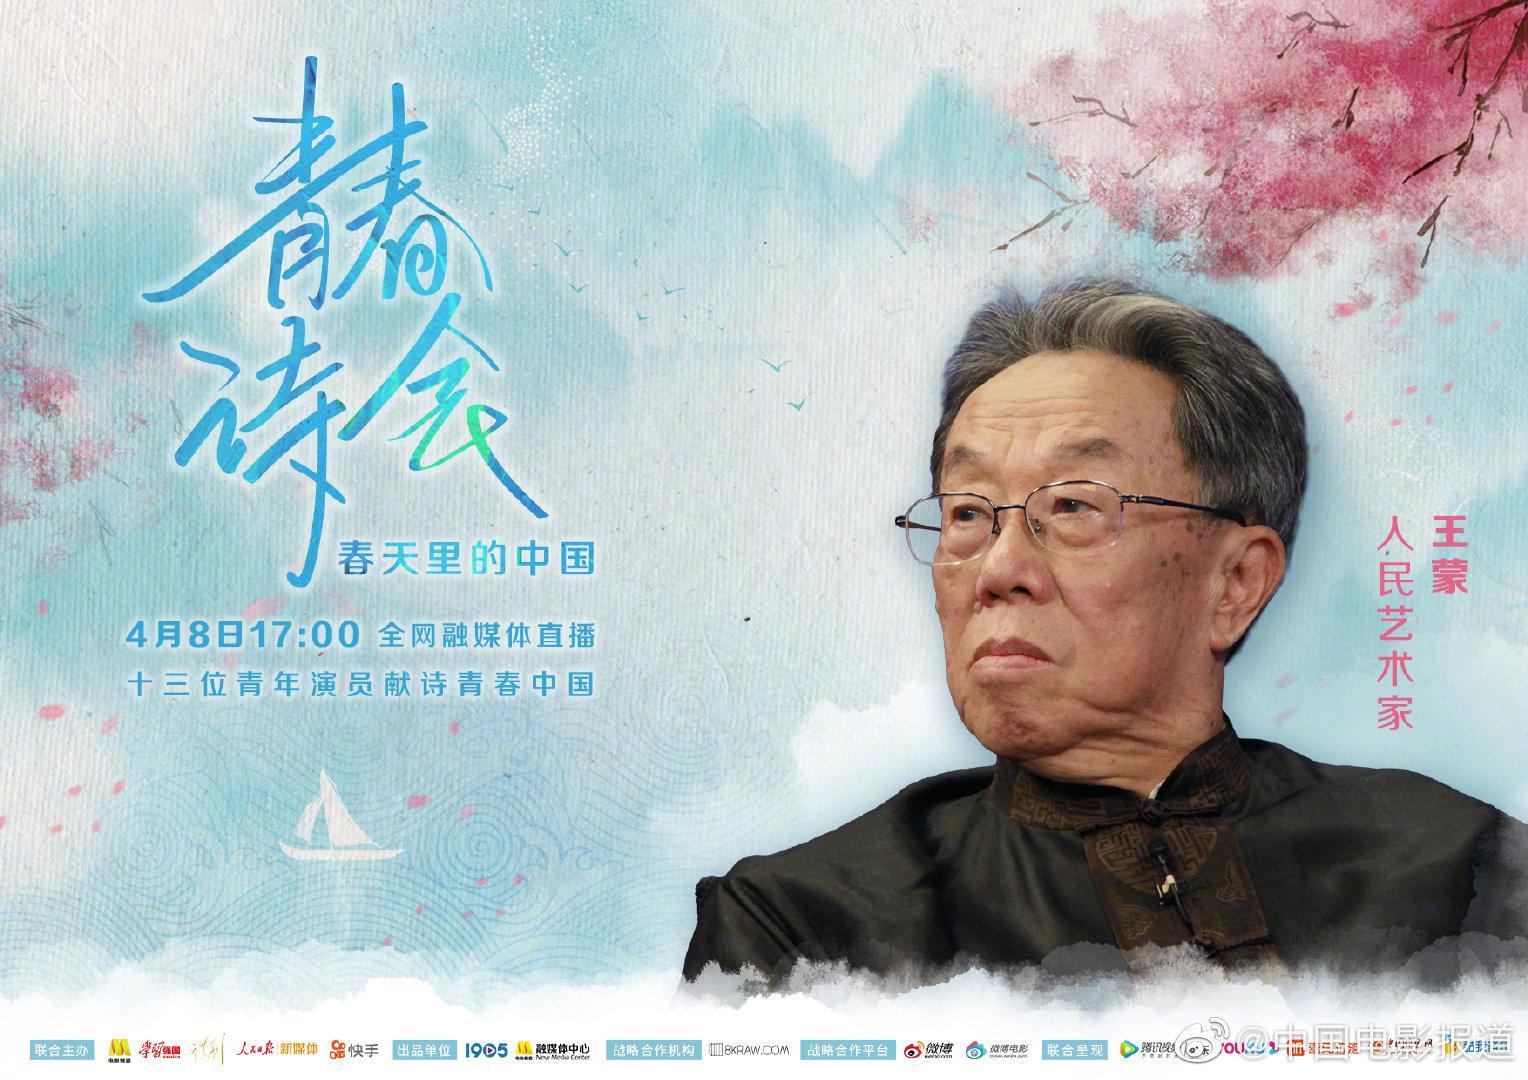 青年强则国家强 人民艺术家王蒙先生 寄语新时代中国青年 电影频